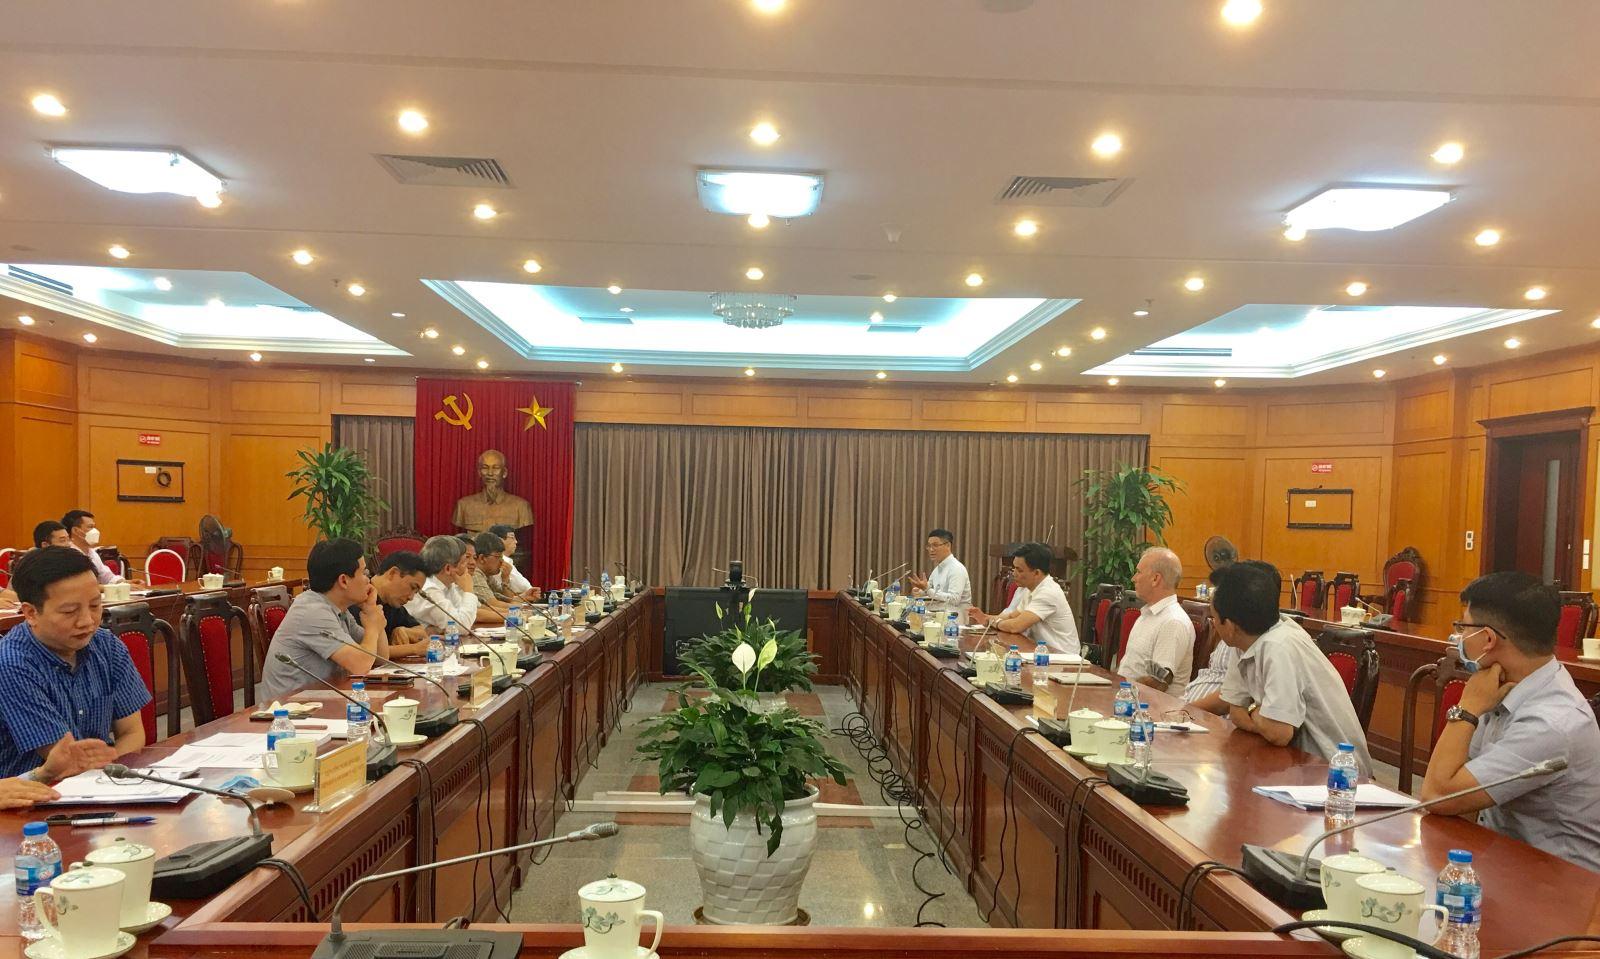 Bộ Khoa học và Công nghệ họp bàn về nghiên cứu và sản xuất vắc xin phòng Covid – 19